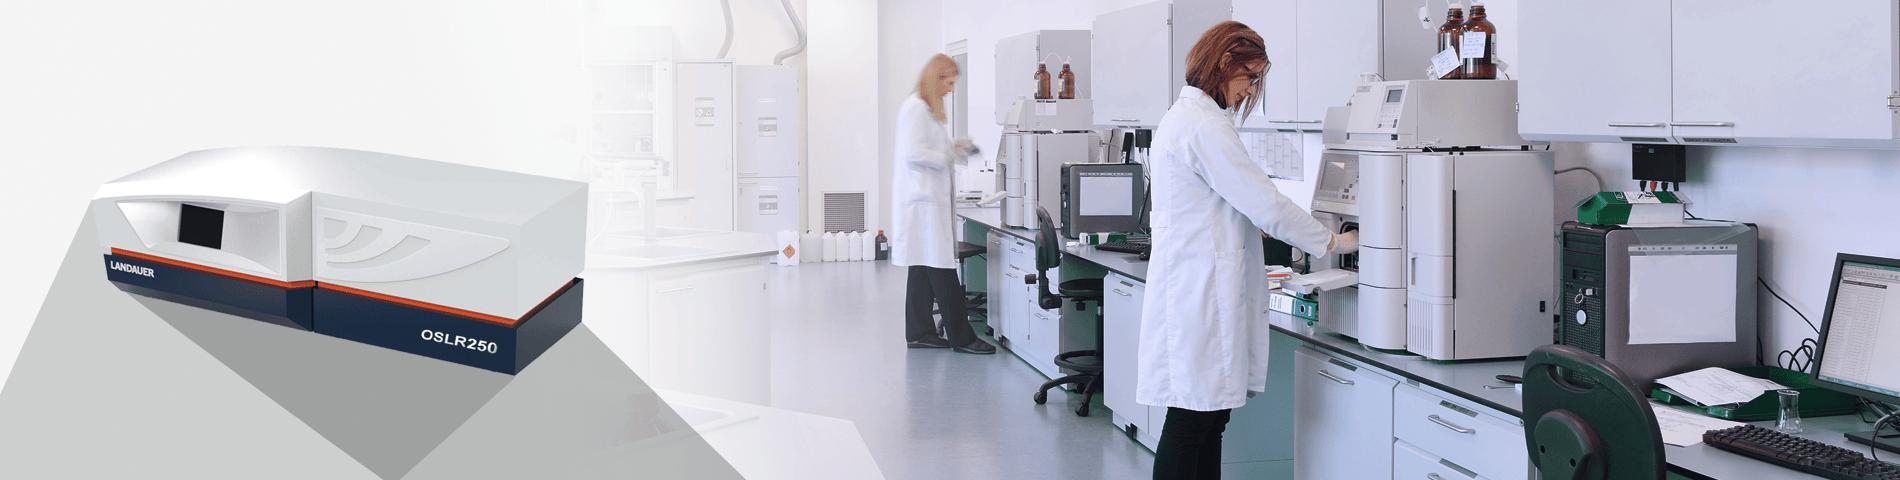 Dosimetry equipment